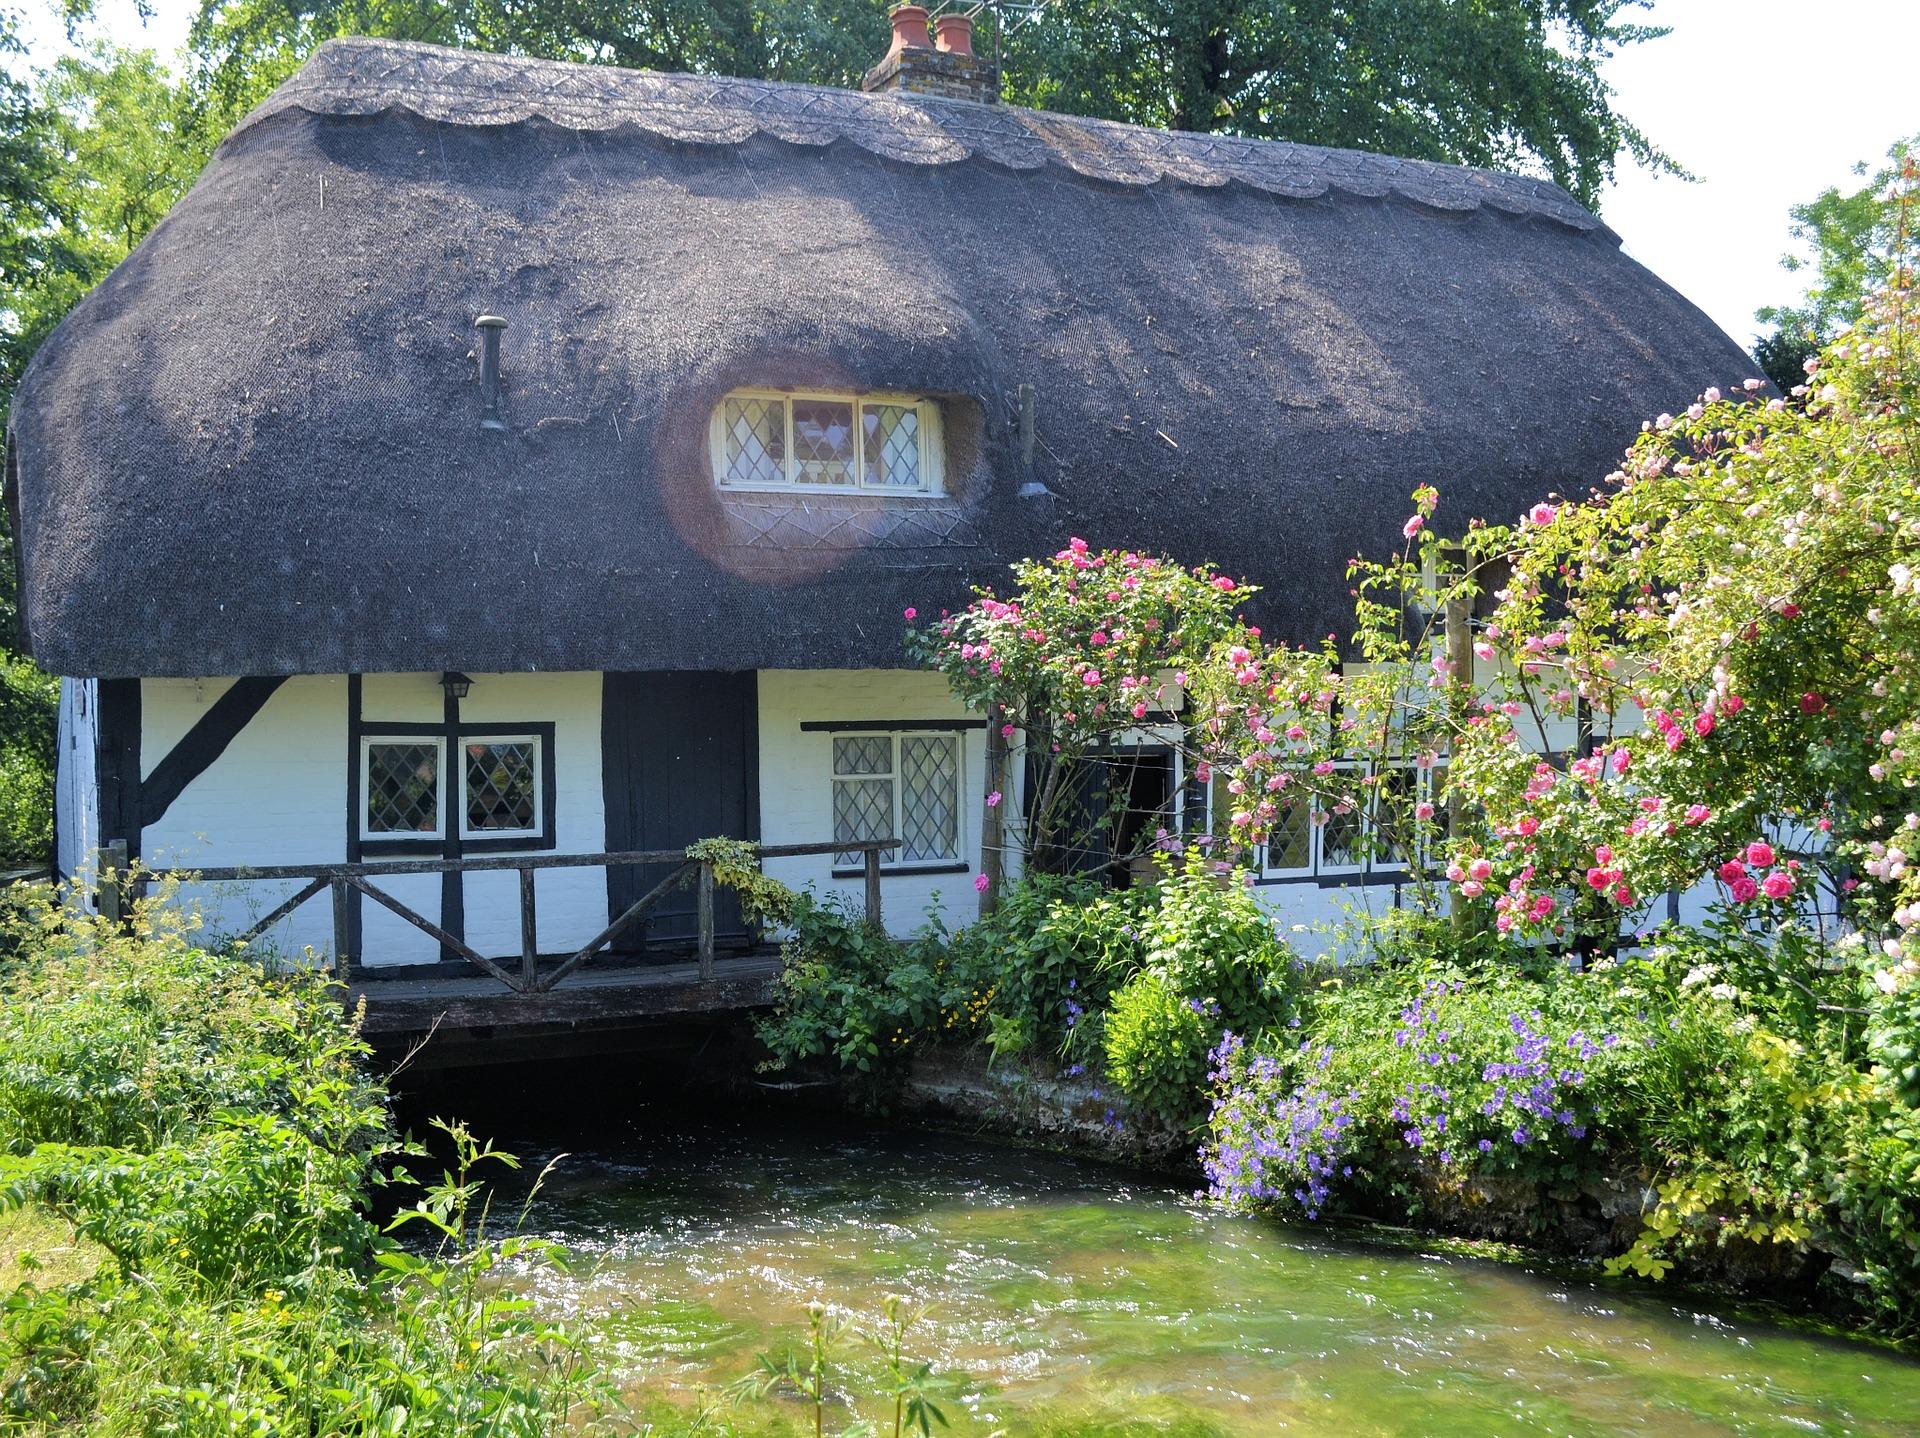 Un cottage anglais typique